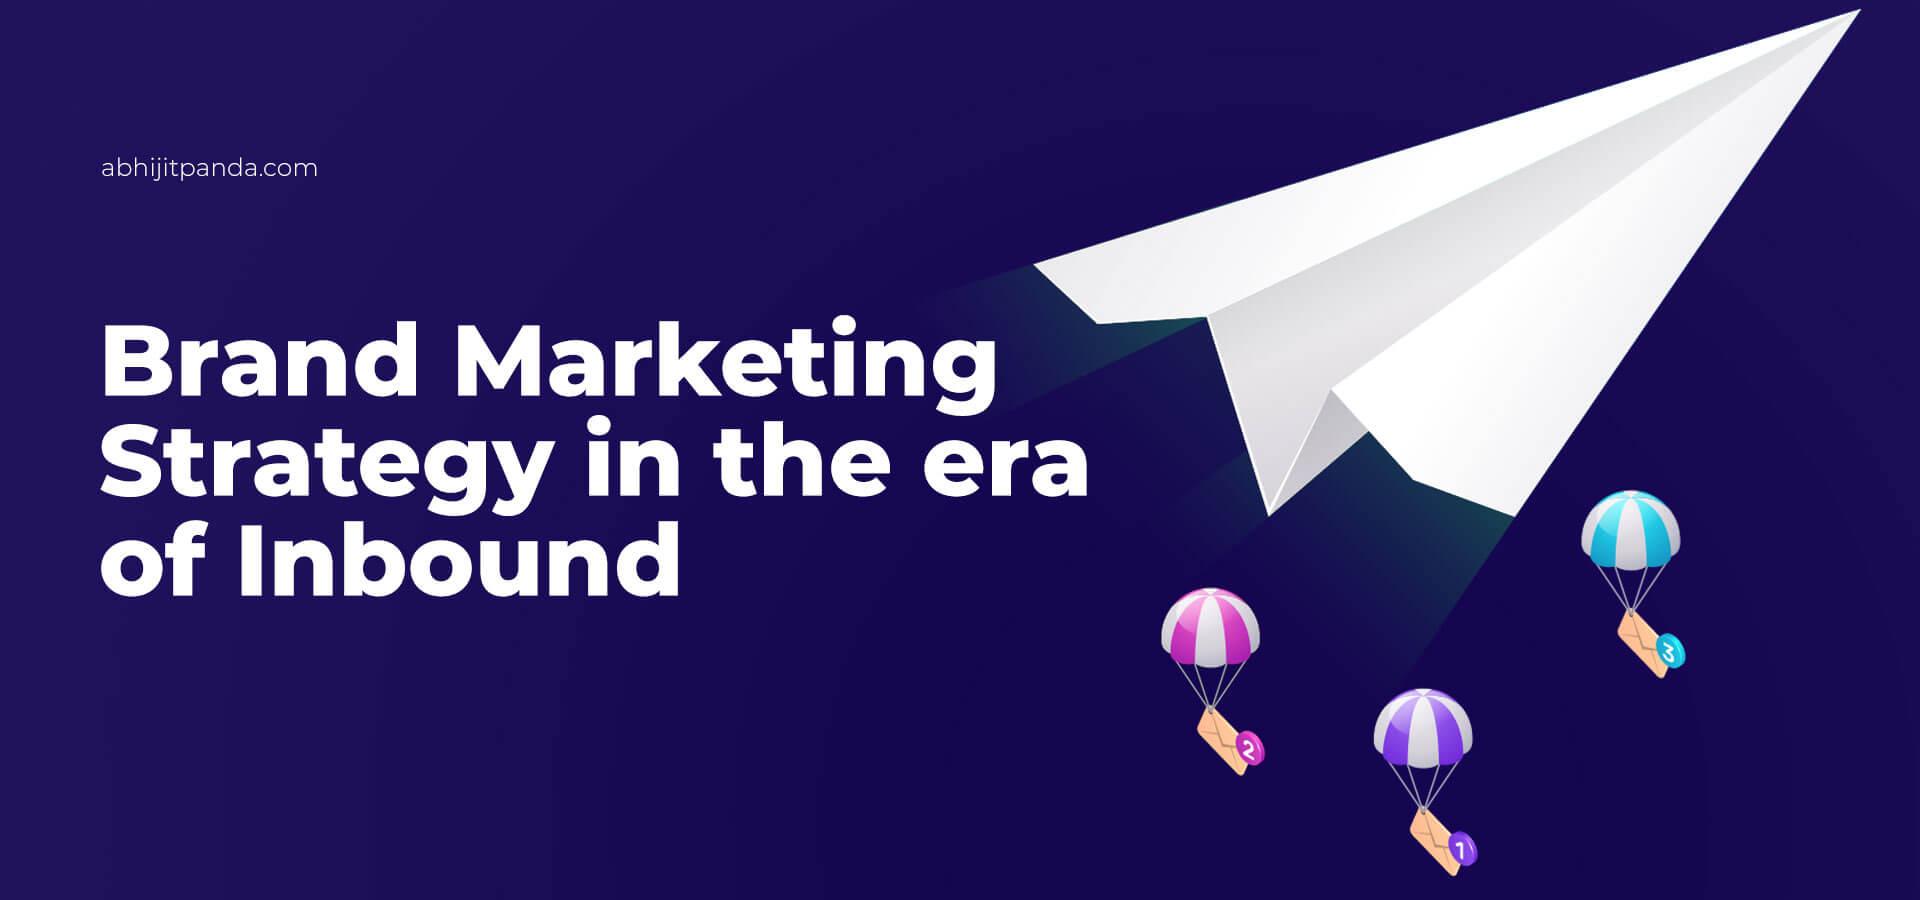 Brand Marketing Strategy in the era of Inbound